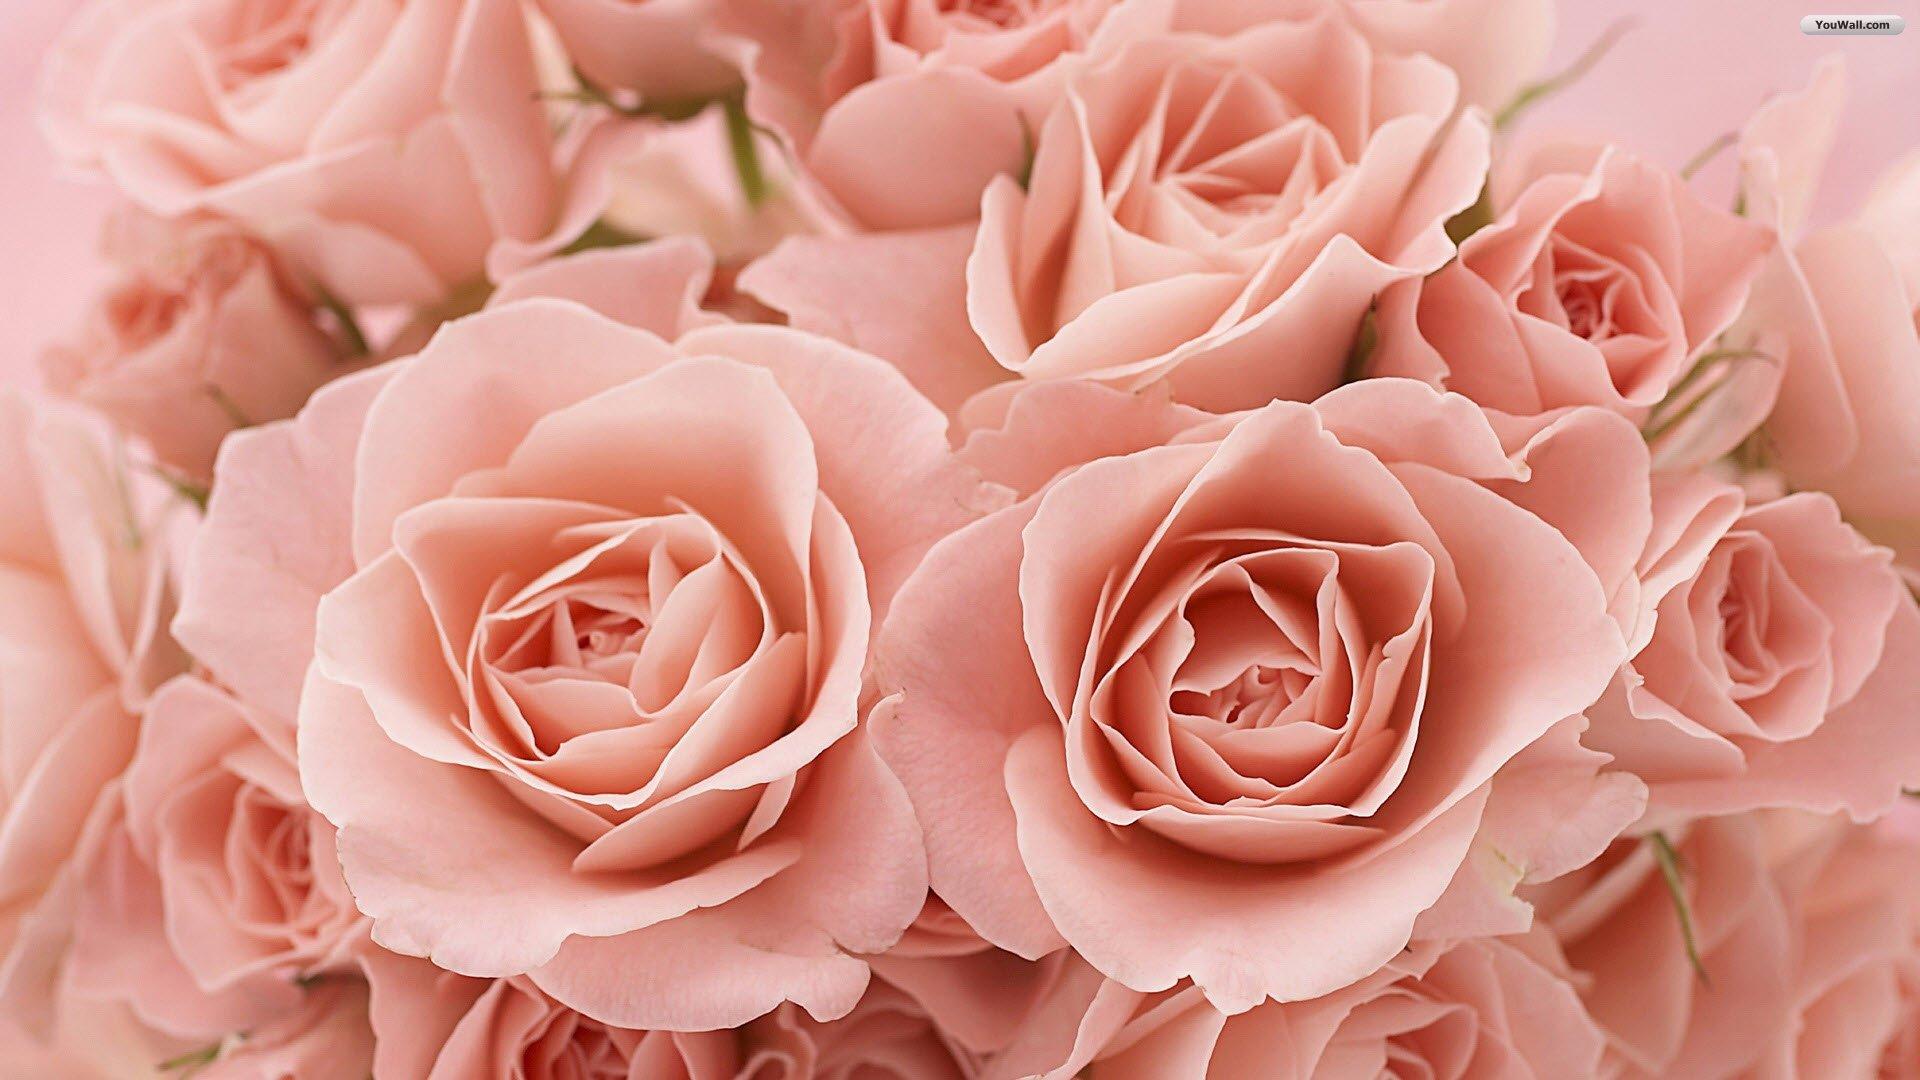 47 Free Pink Rose Wallpaper On Wallpapersafari